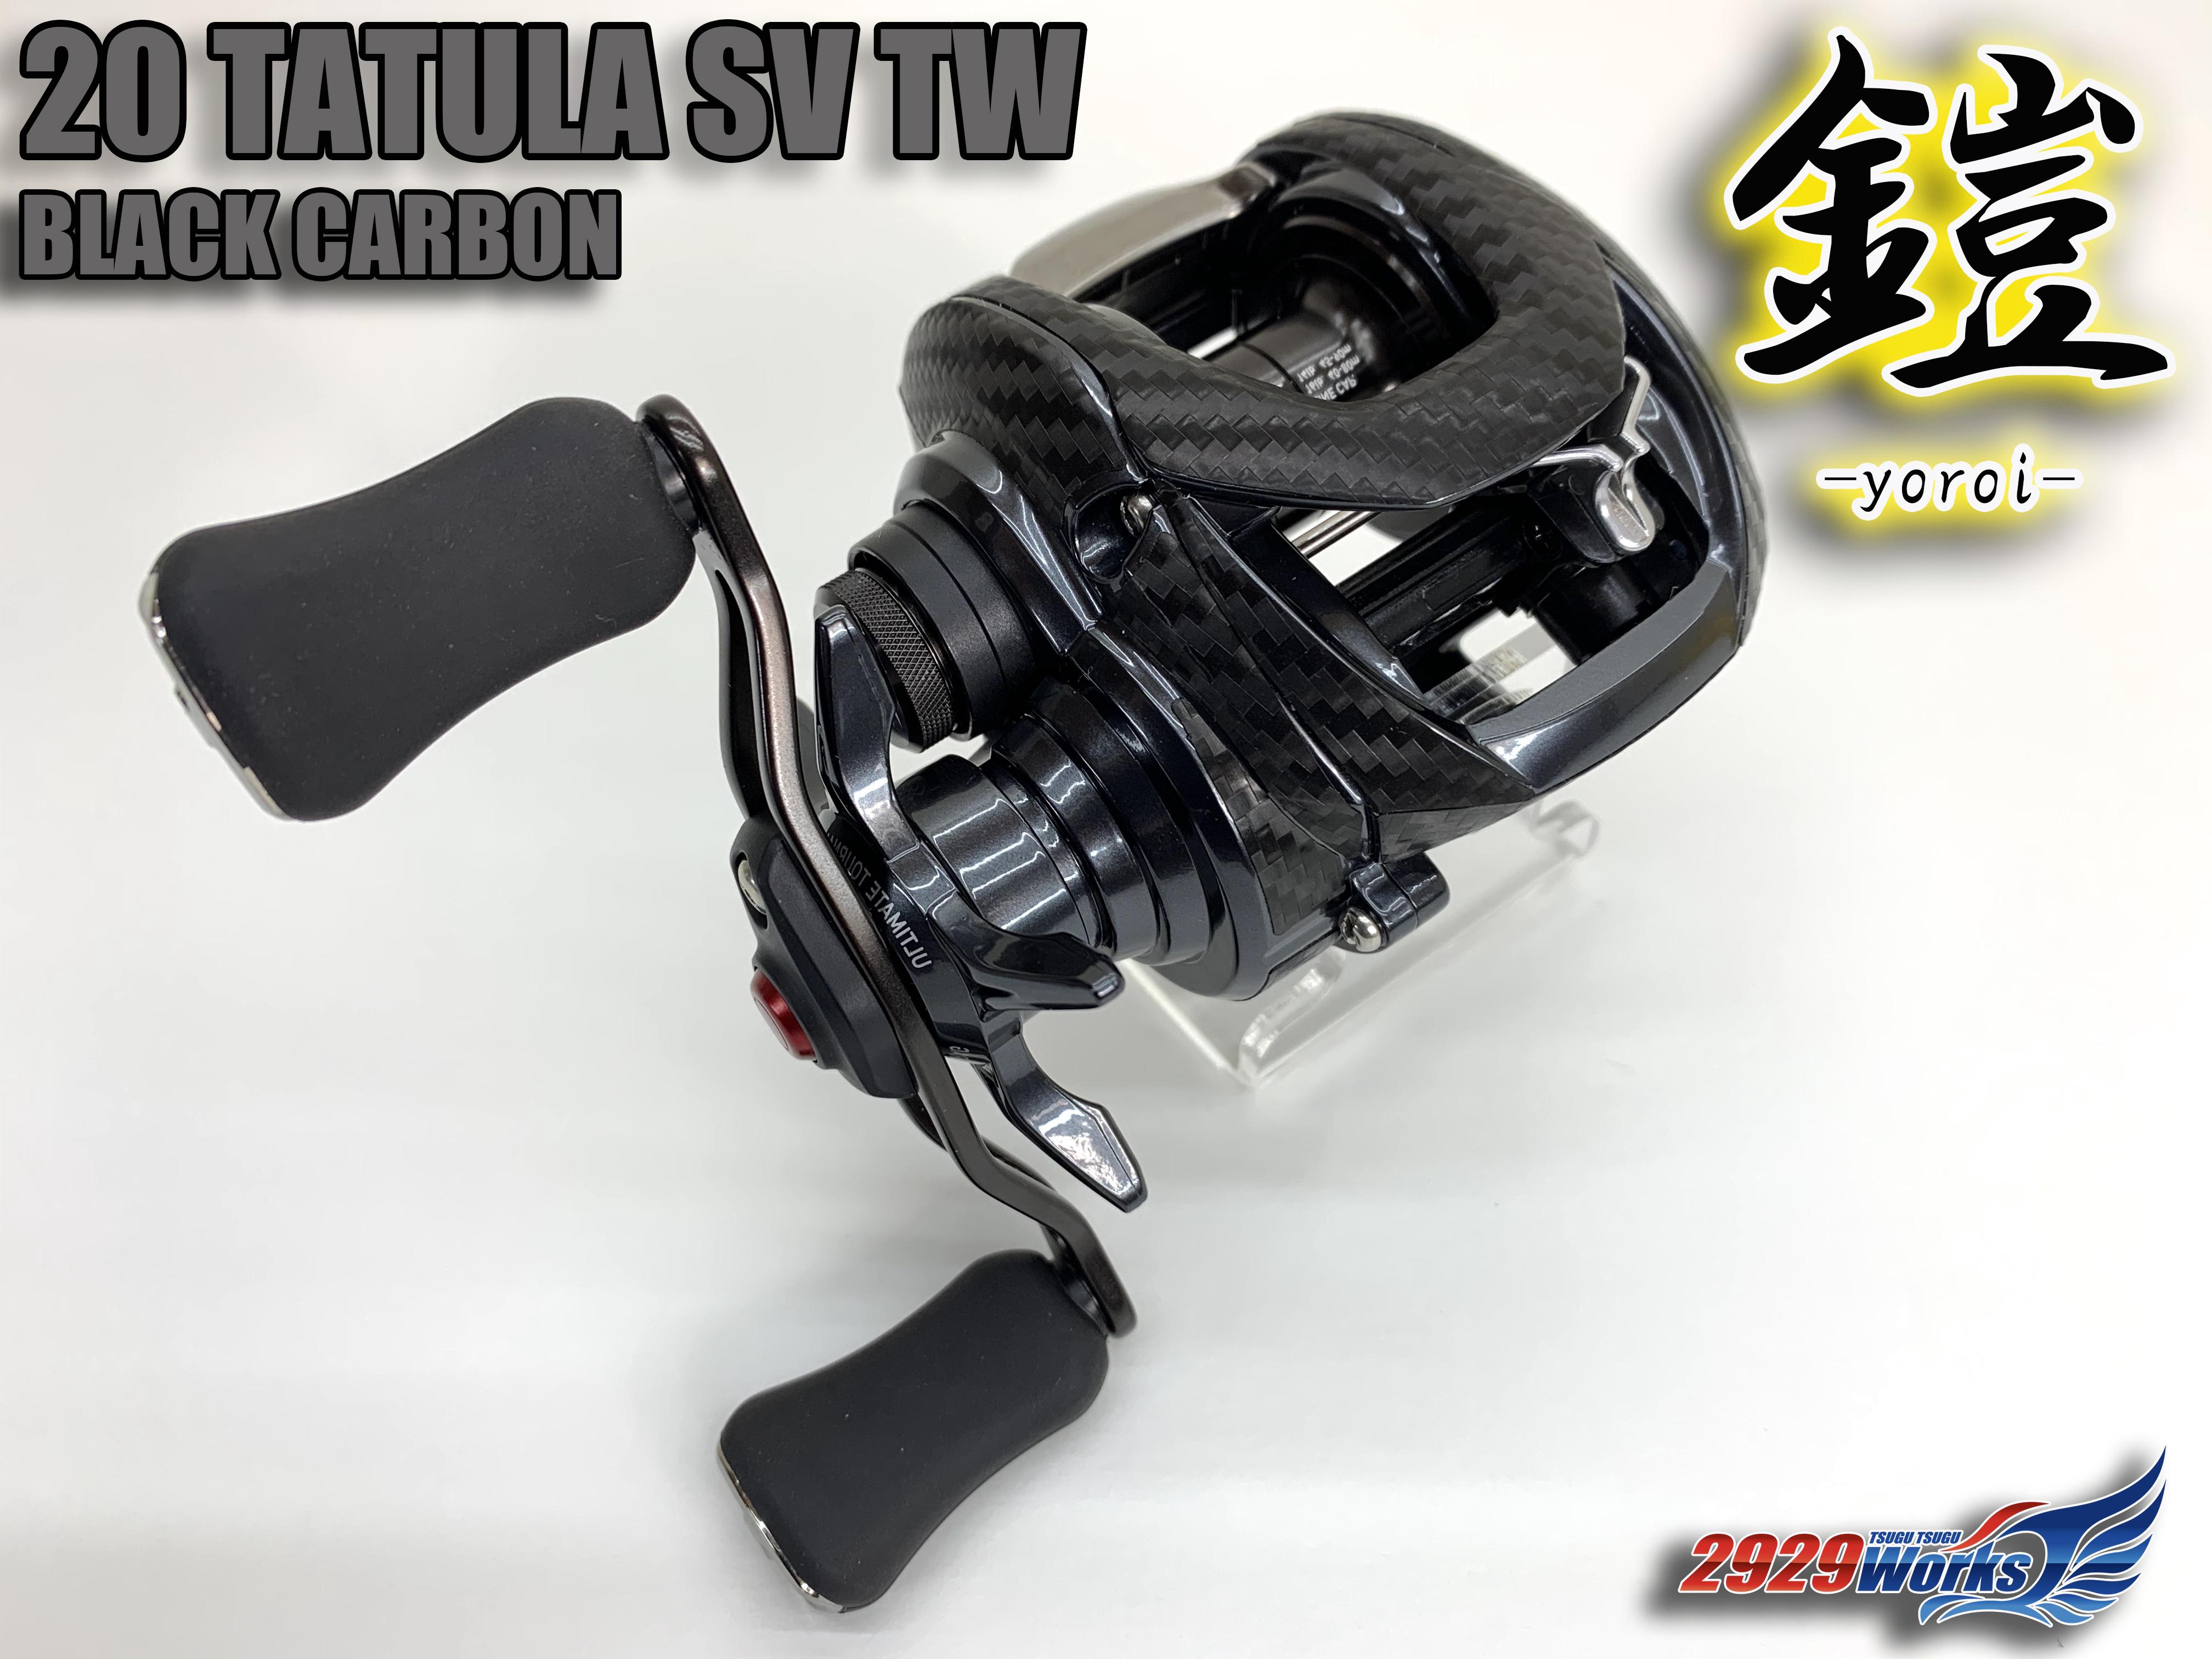 20 タトゥーラ SV TW